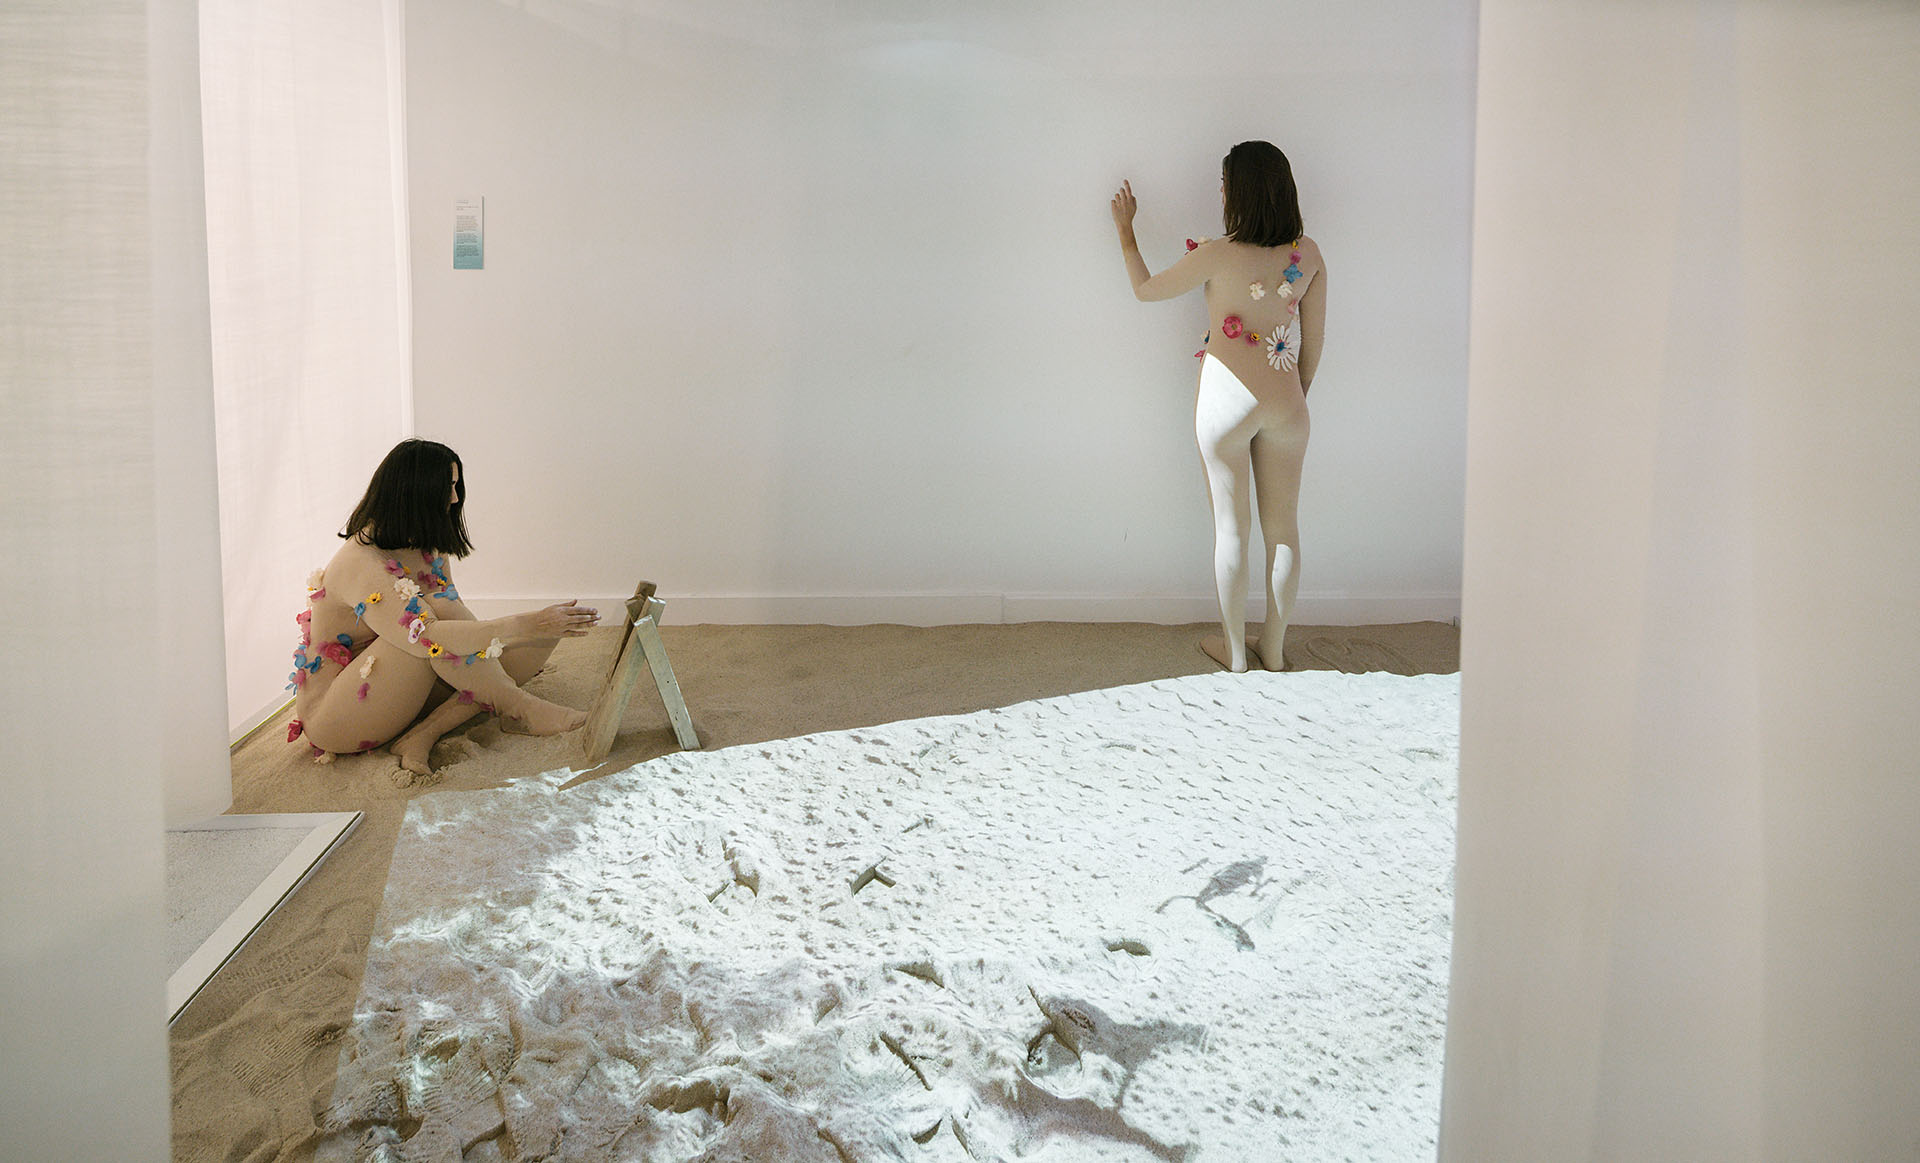 Exposición de Arte visuales